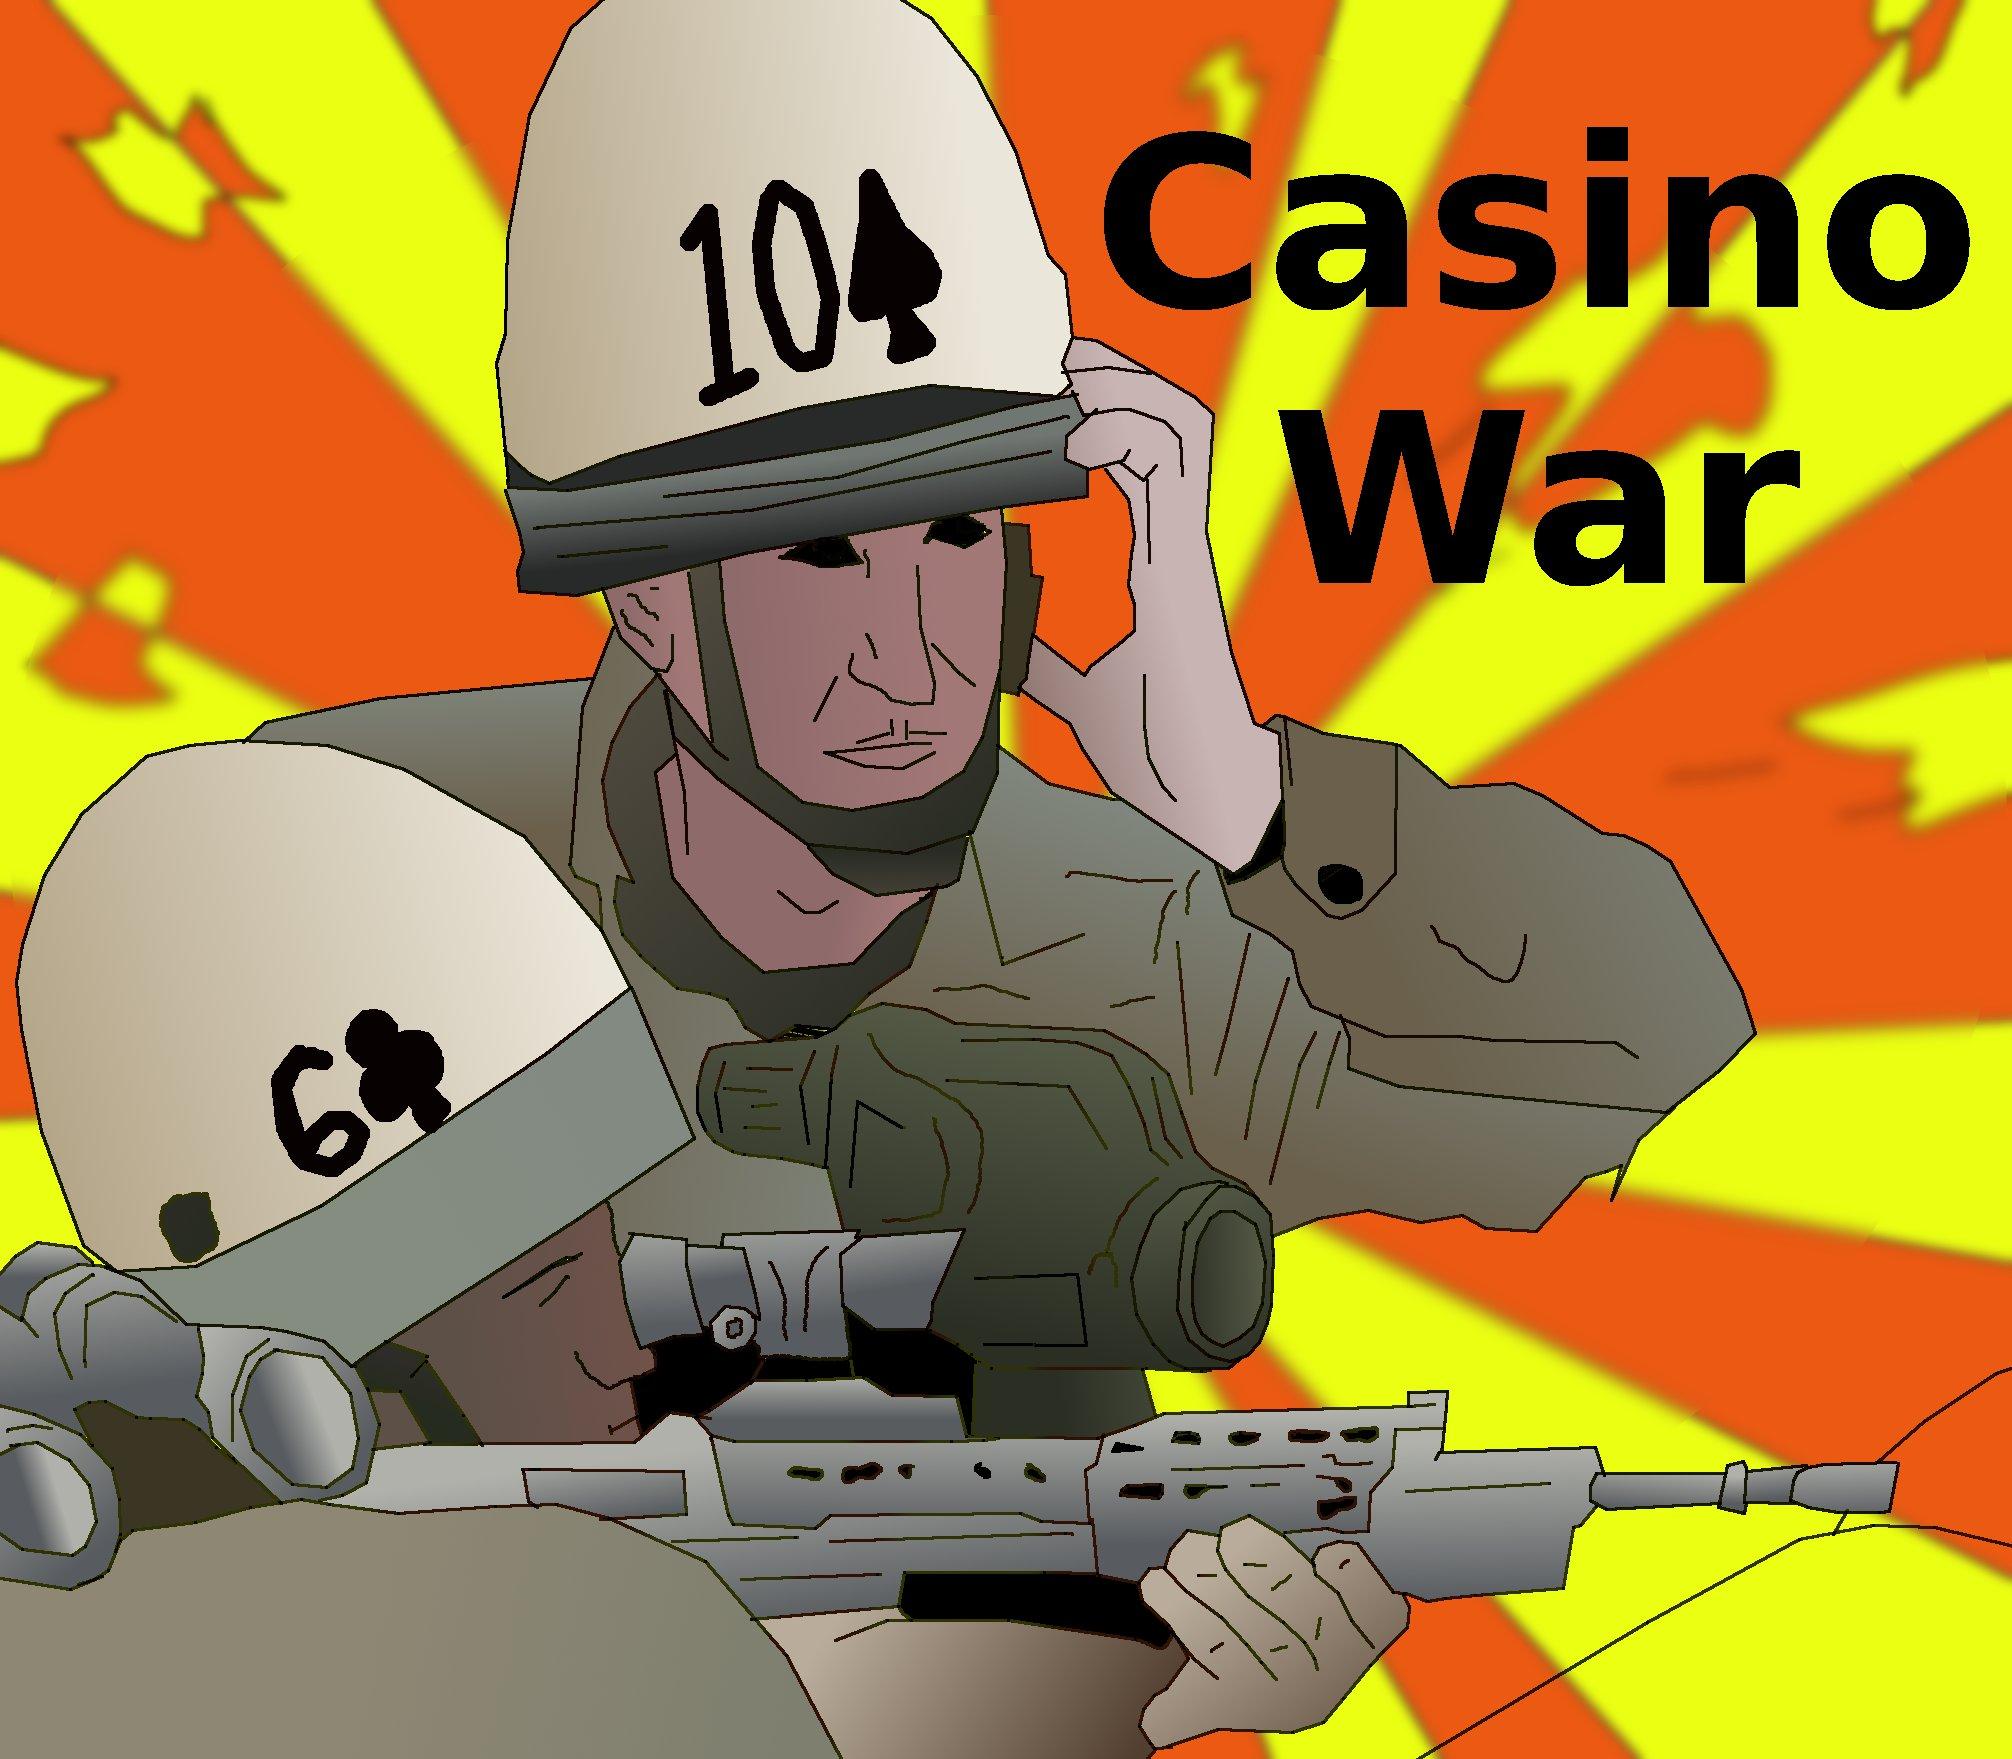 Sniper казино игровые автоматы норильск молодежная 3